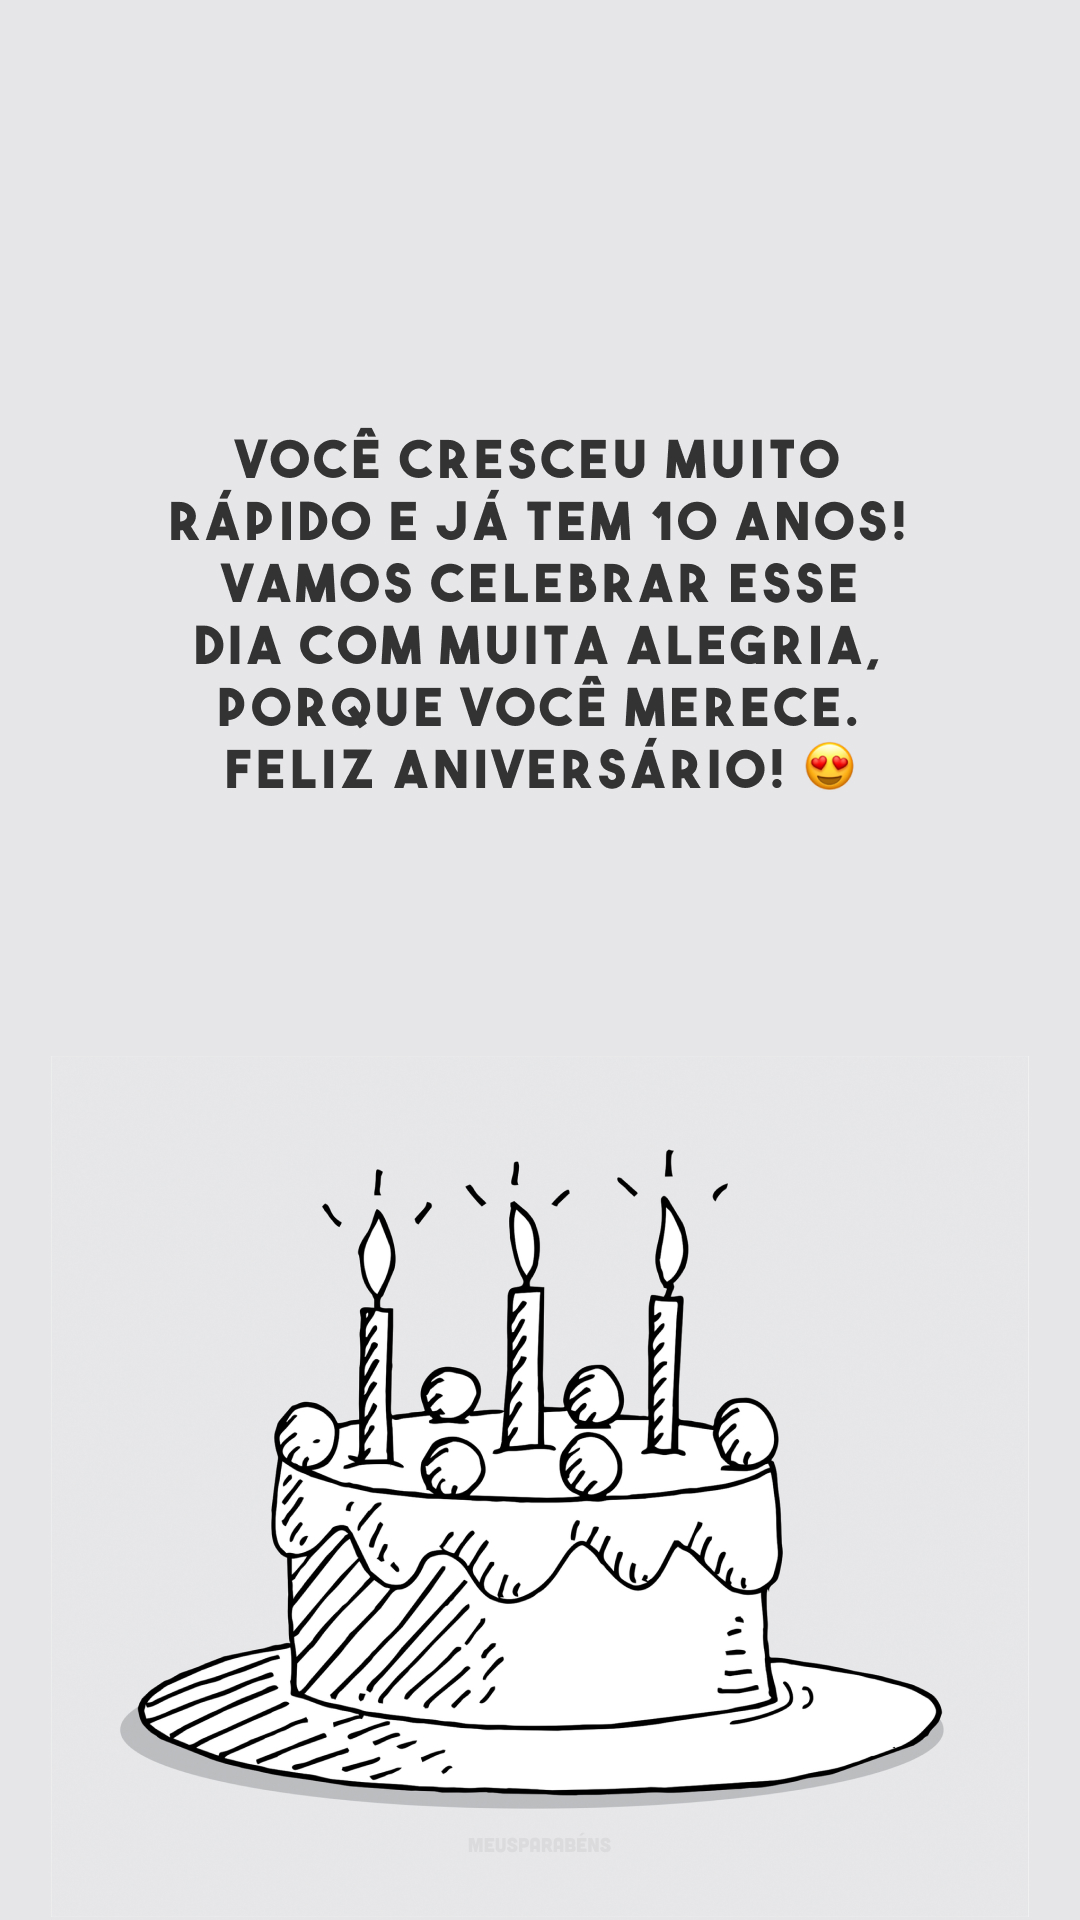 Você cresceu muito rápido e já tem 10 anos! Vamos celebrar esse dia com muita alegria, porque você merece. Feliz aniversário! 😍